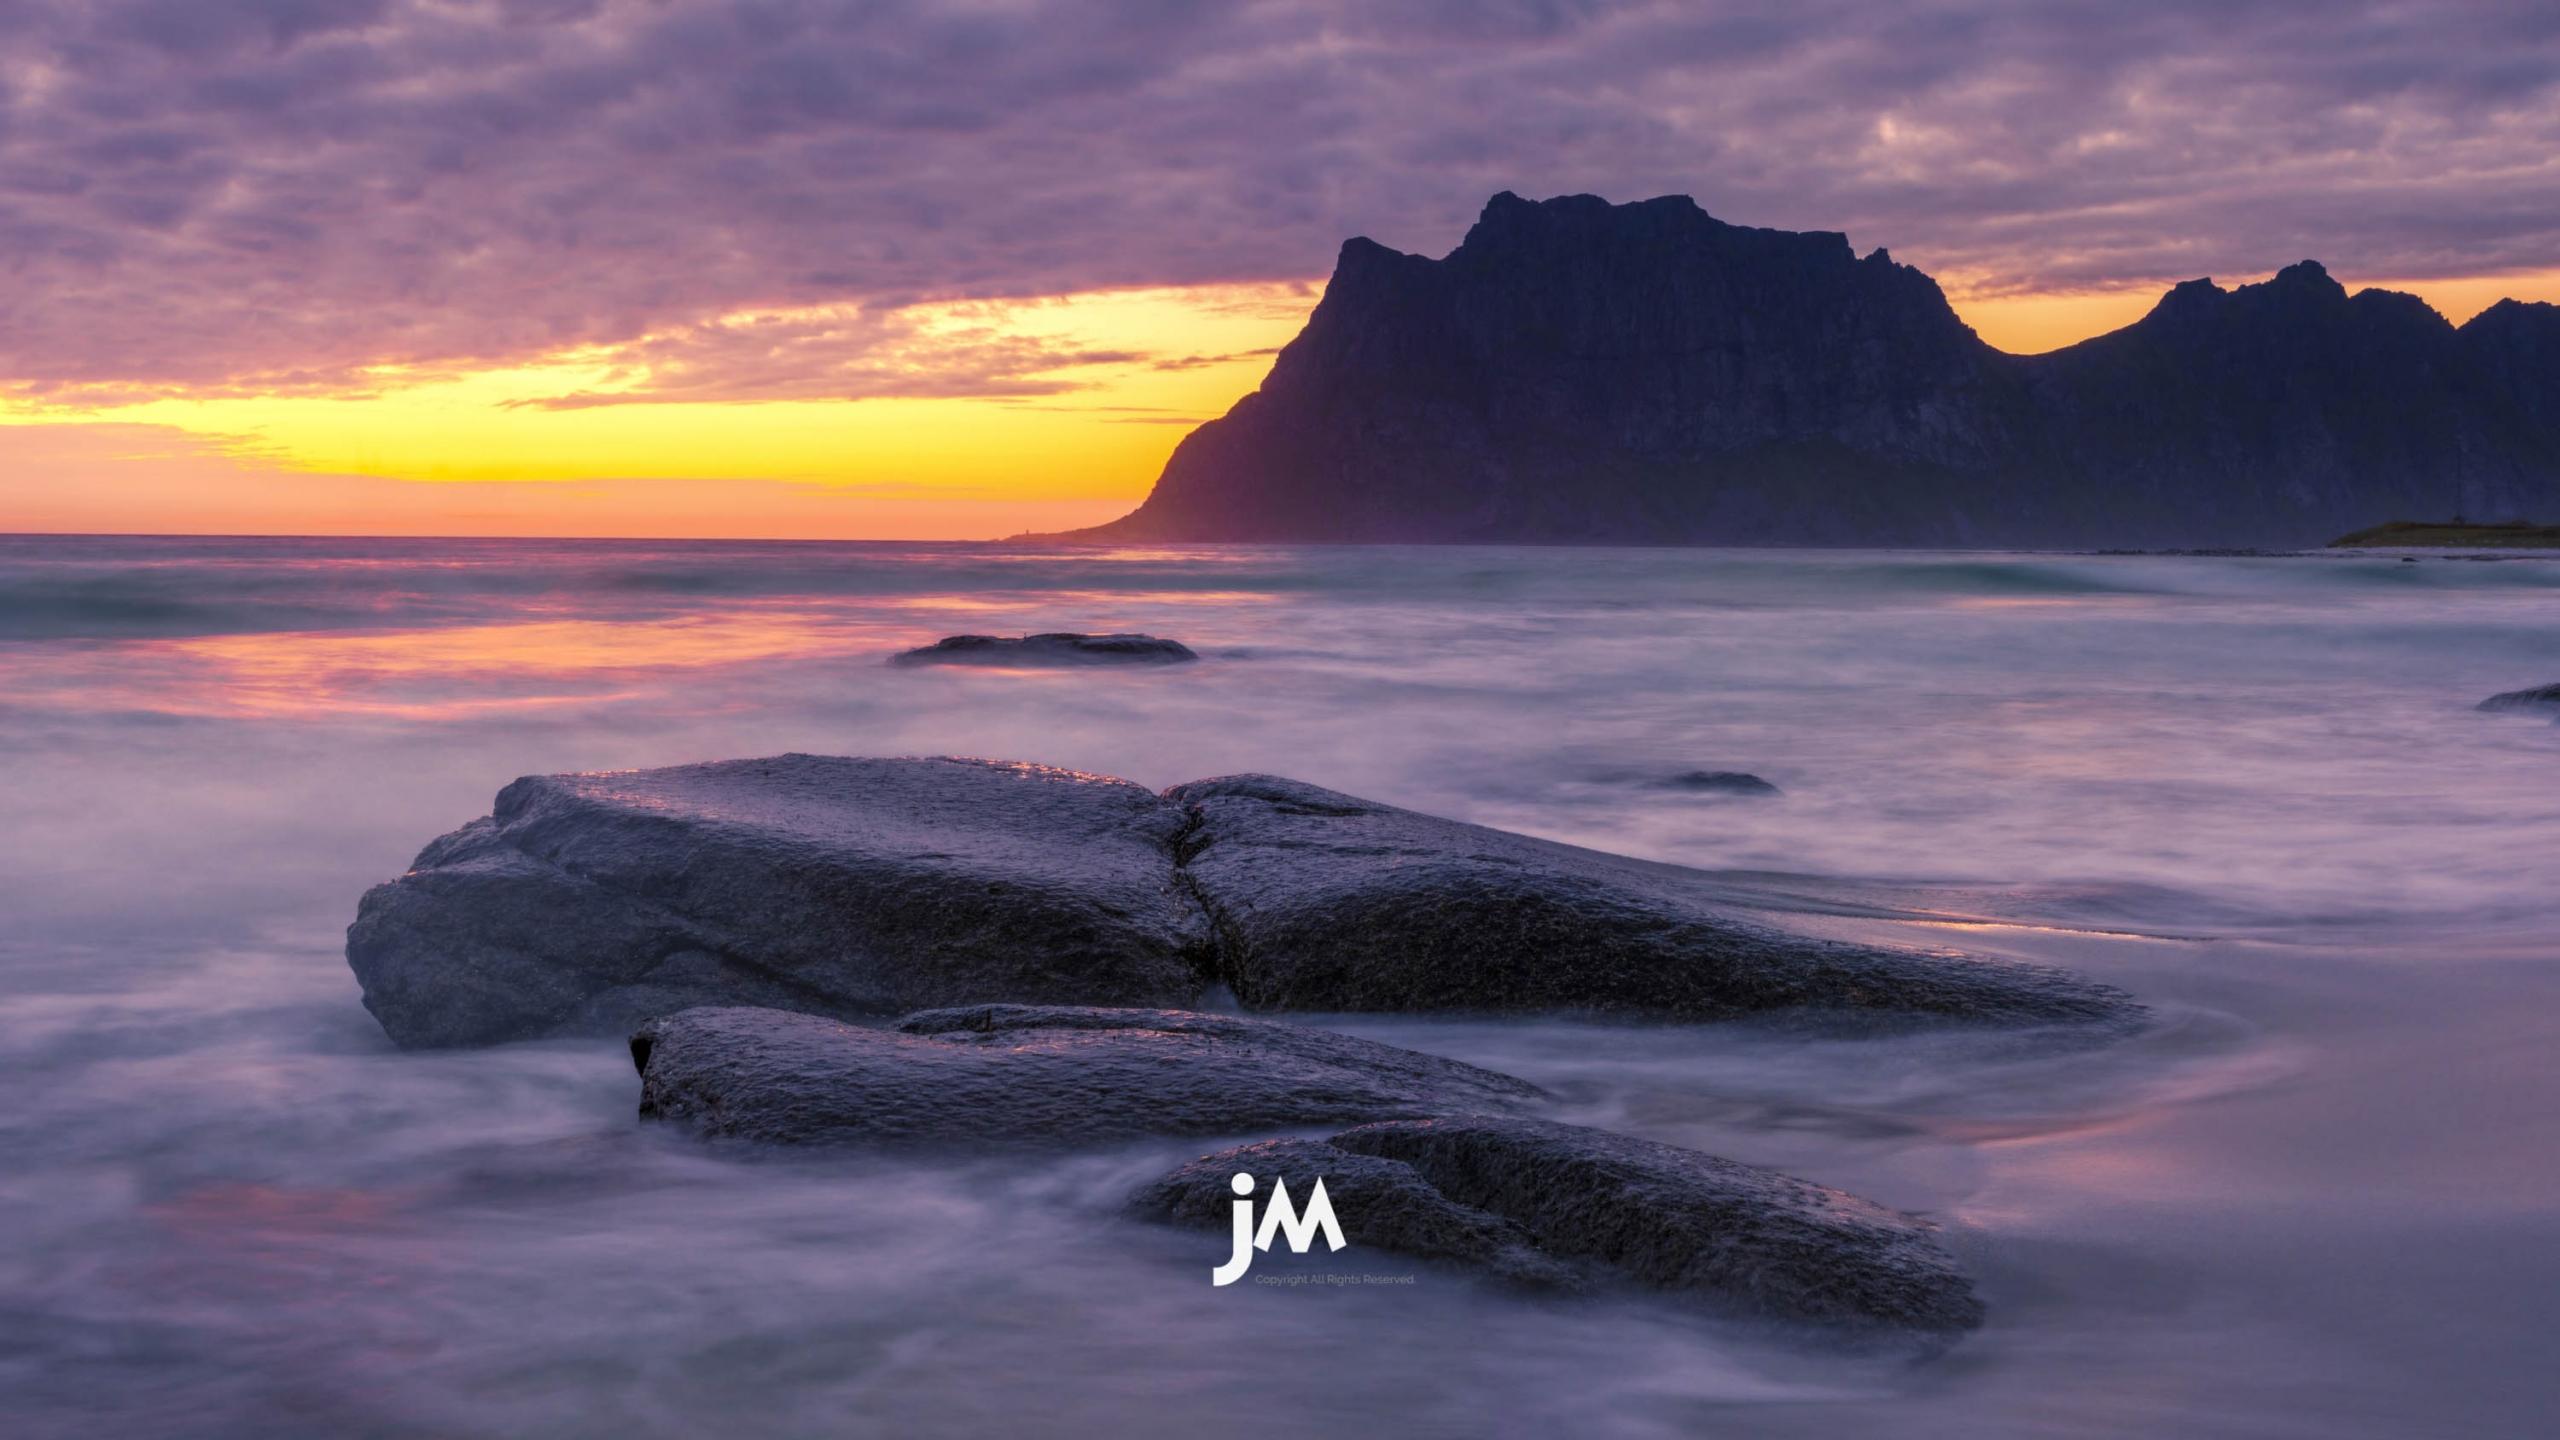 Norway, Loften Island Fujifilm XT3 Project